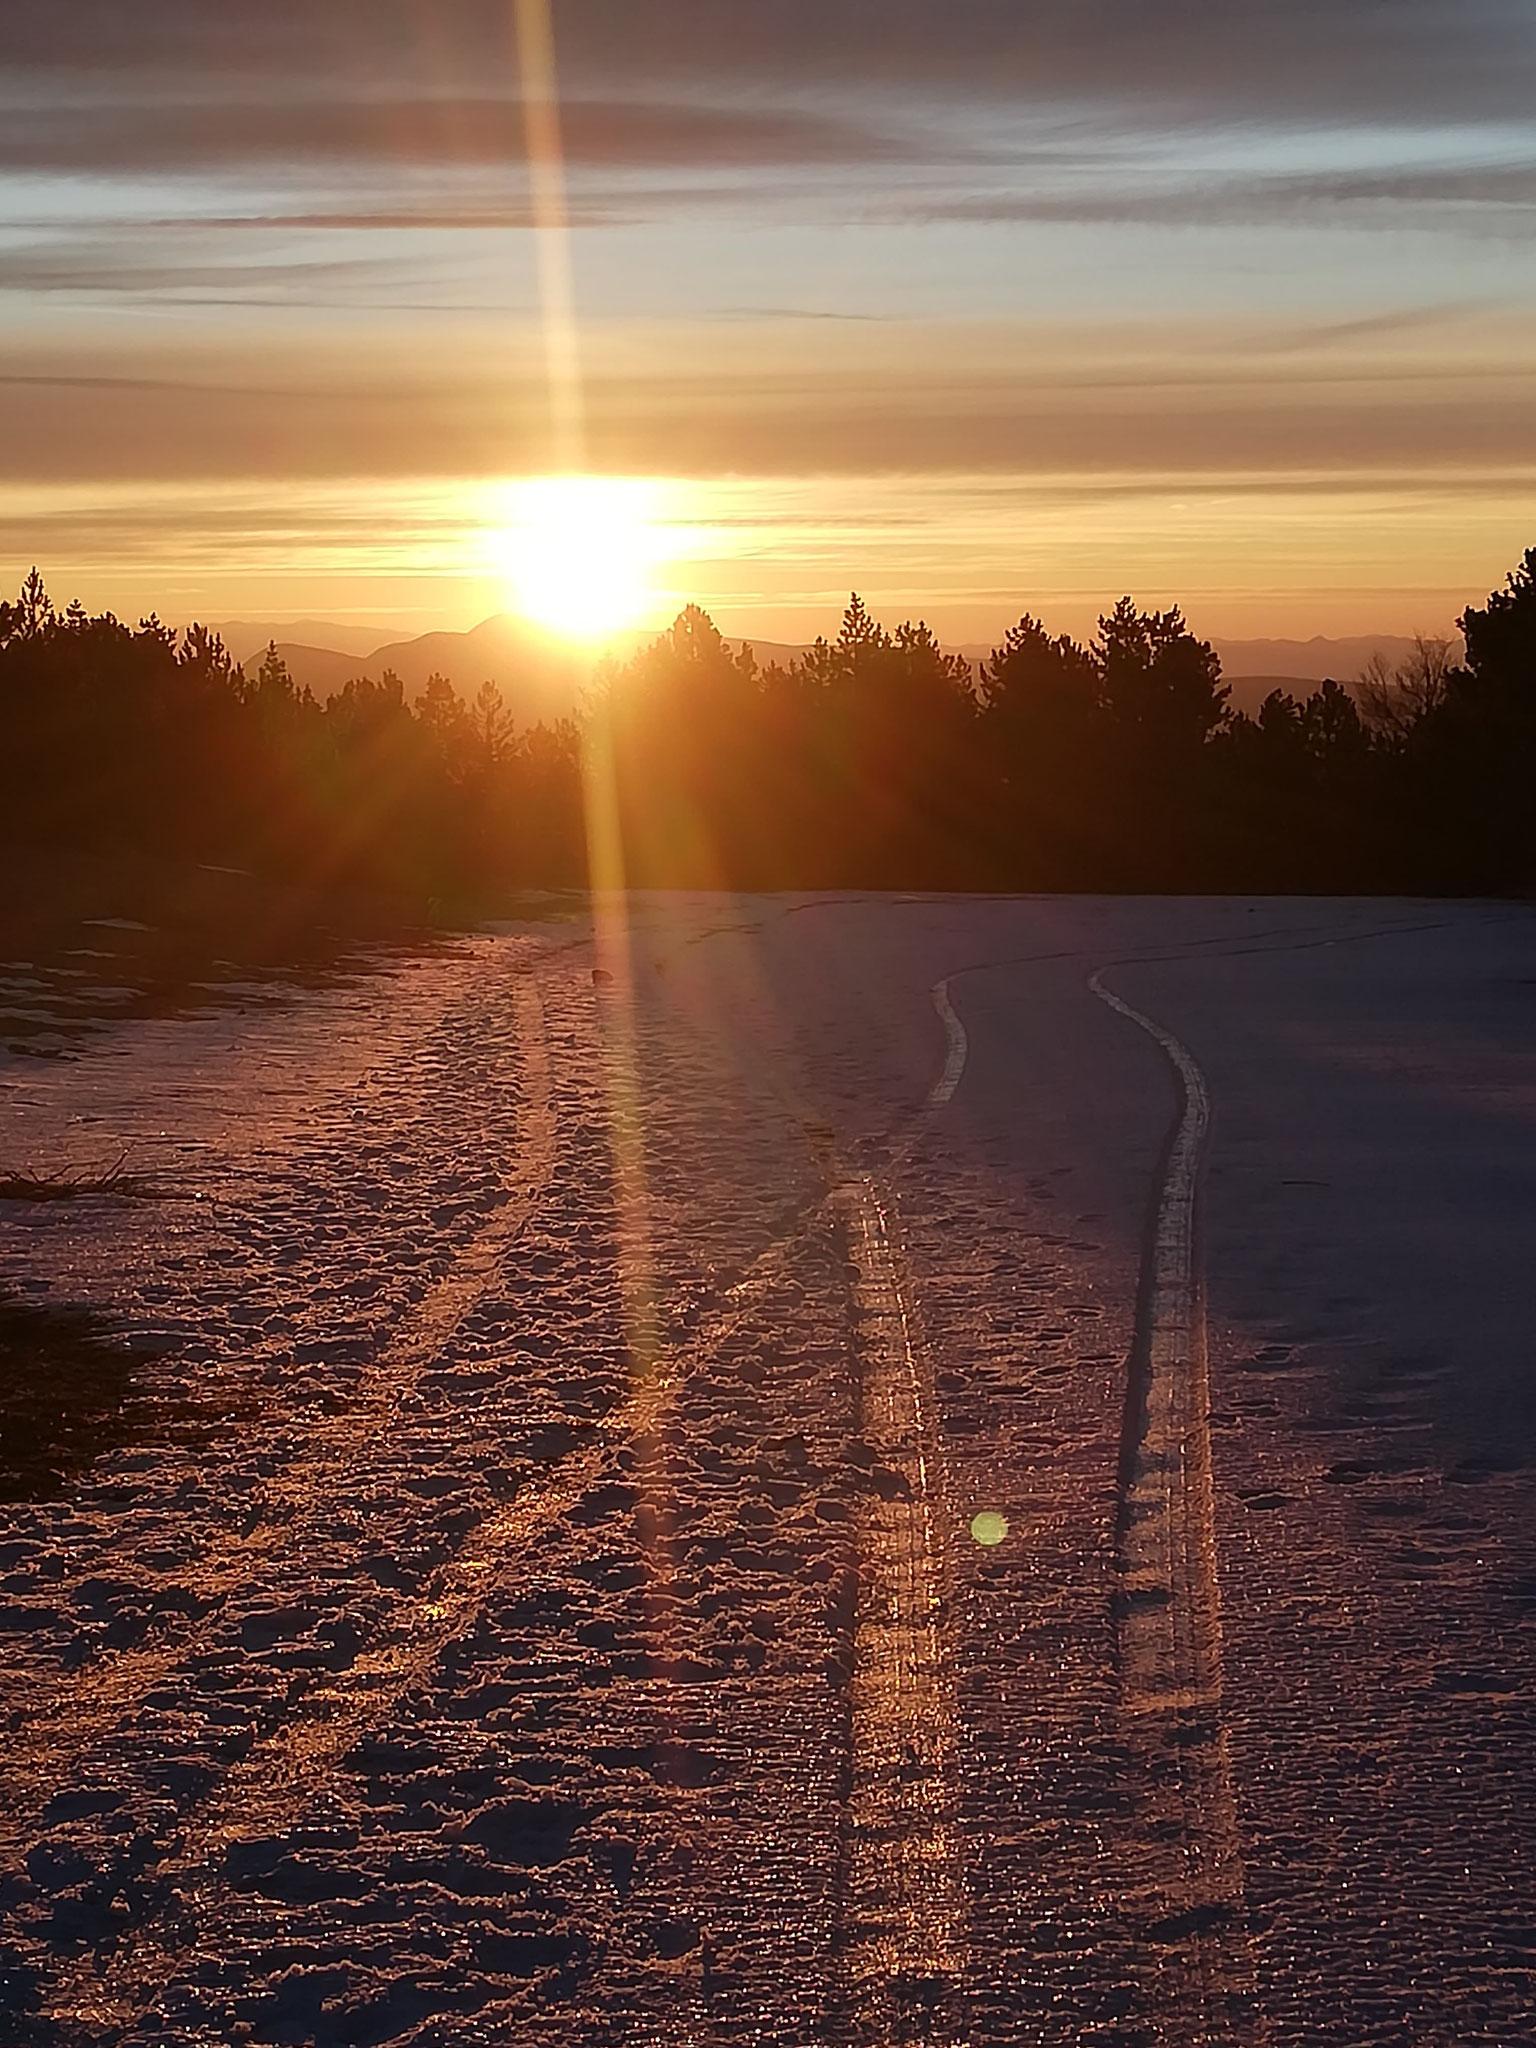 15-Le soleil se lève, il va faire beau